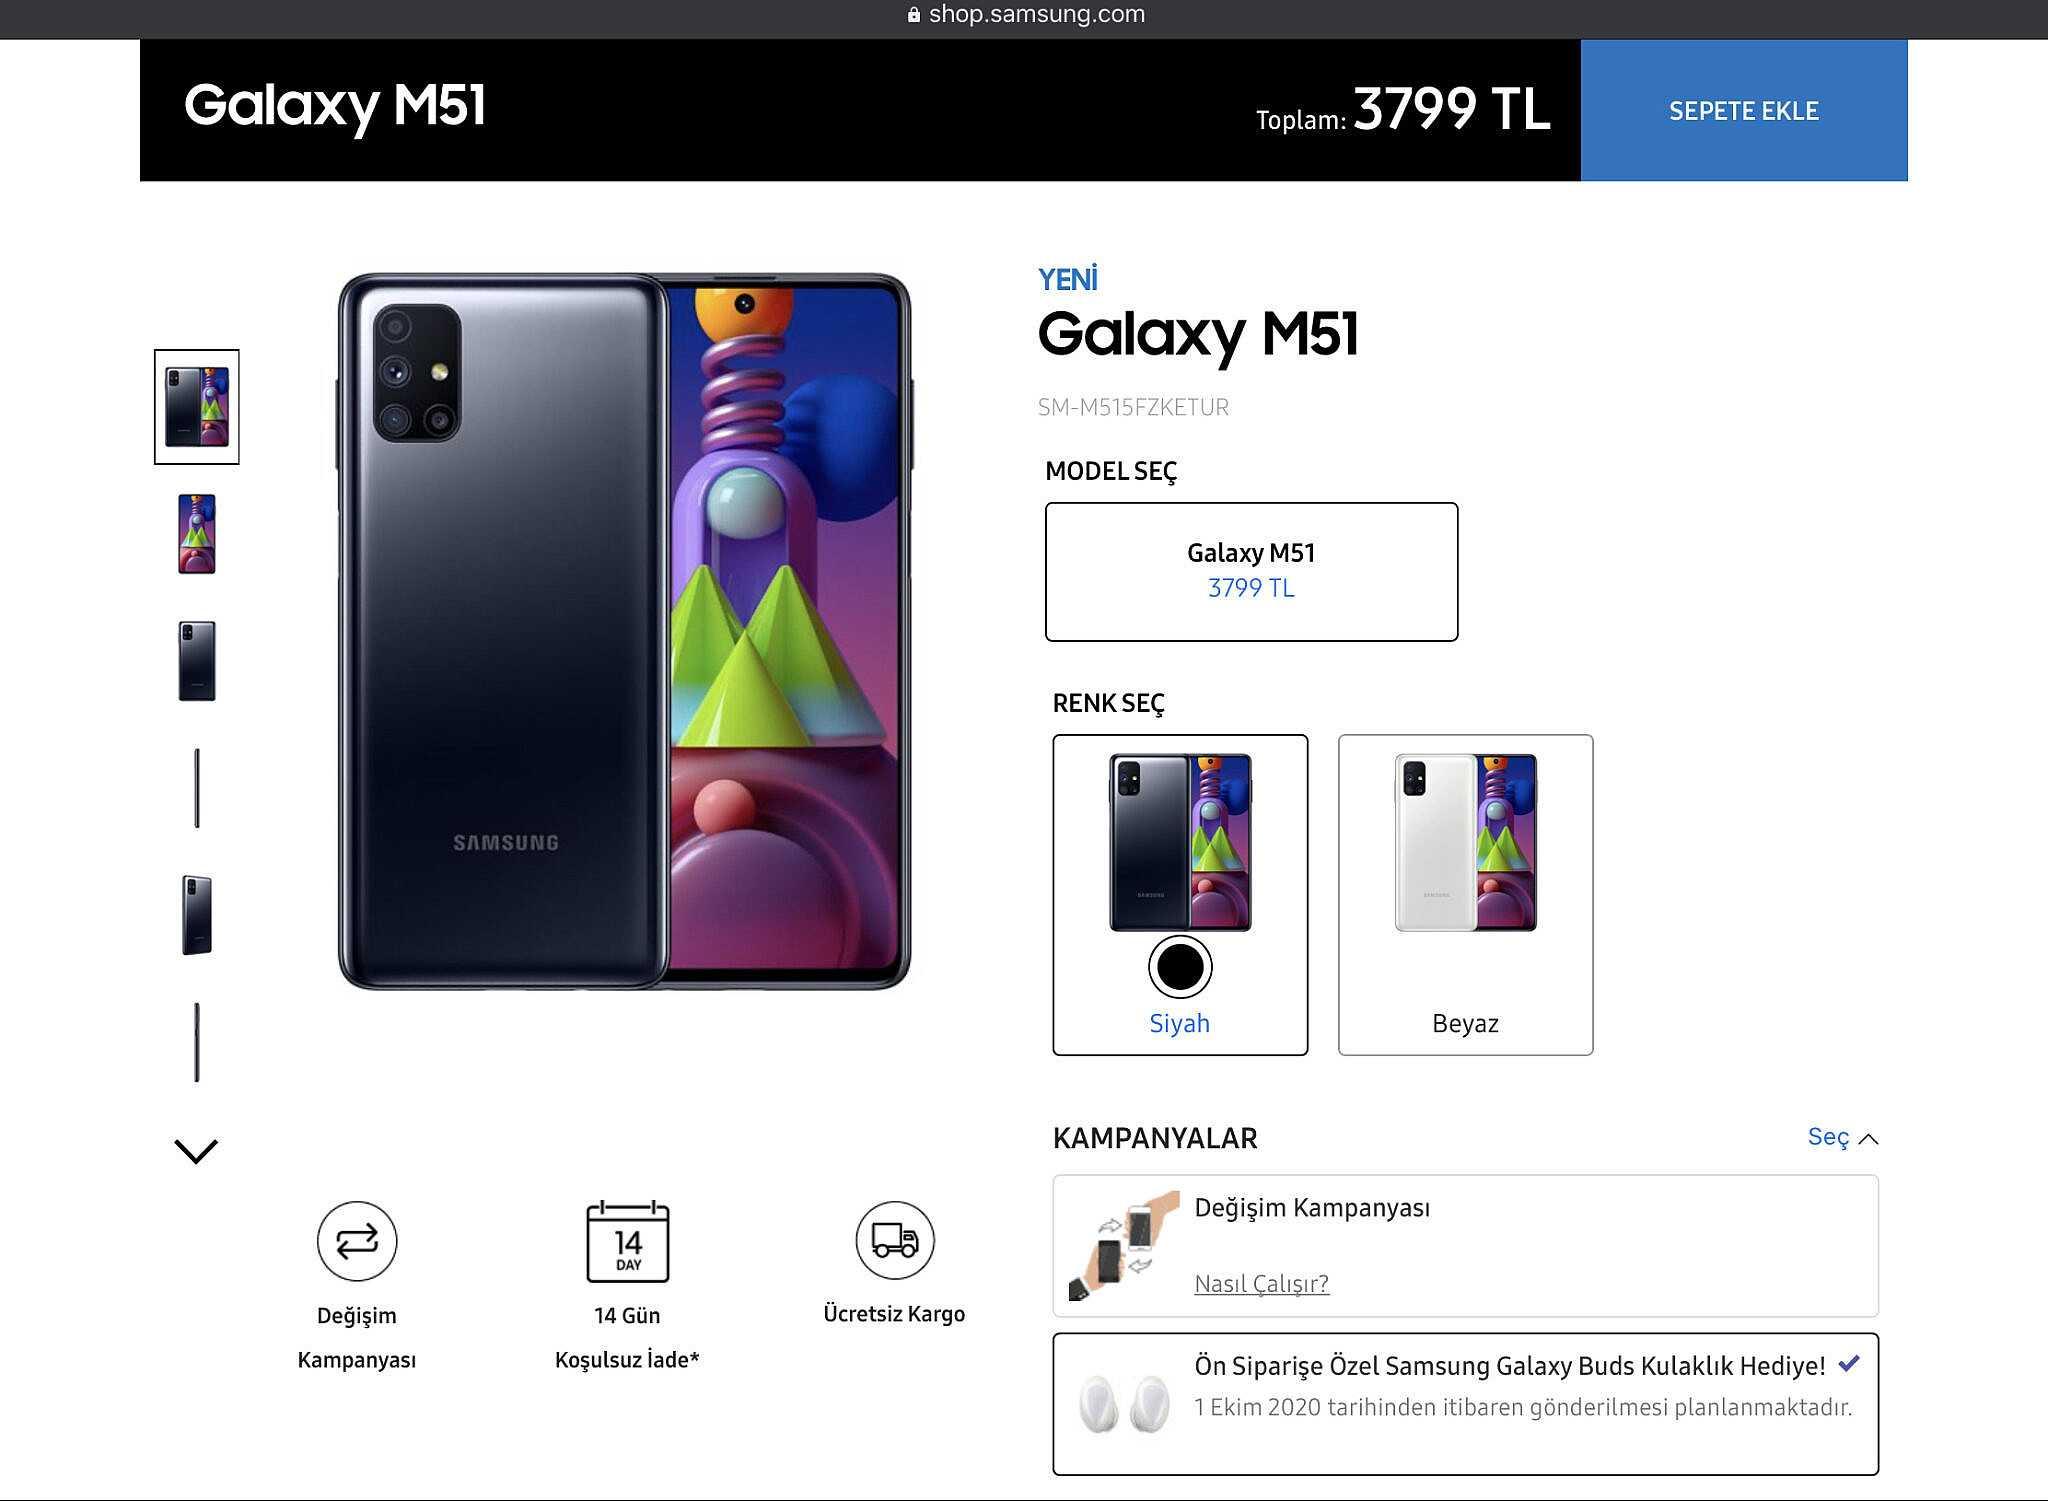 Стало известно какие модели samsung покажет в 2k21. есть хорошие новости - androidinsider.ru